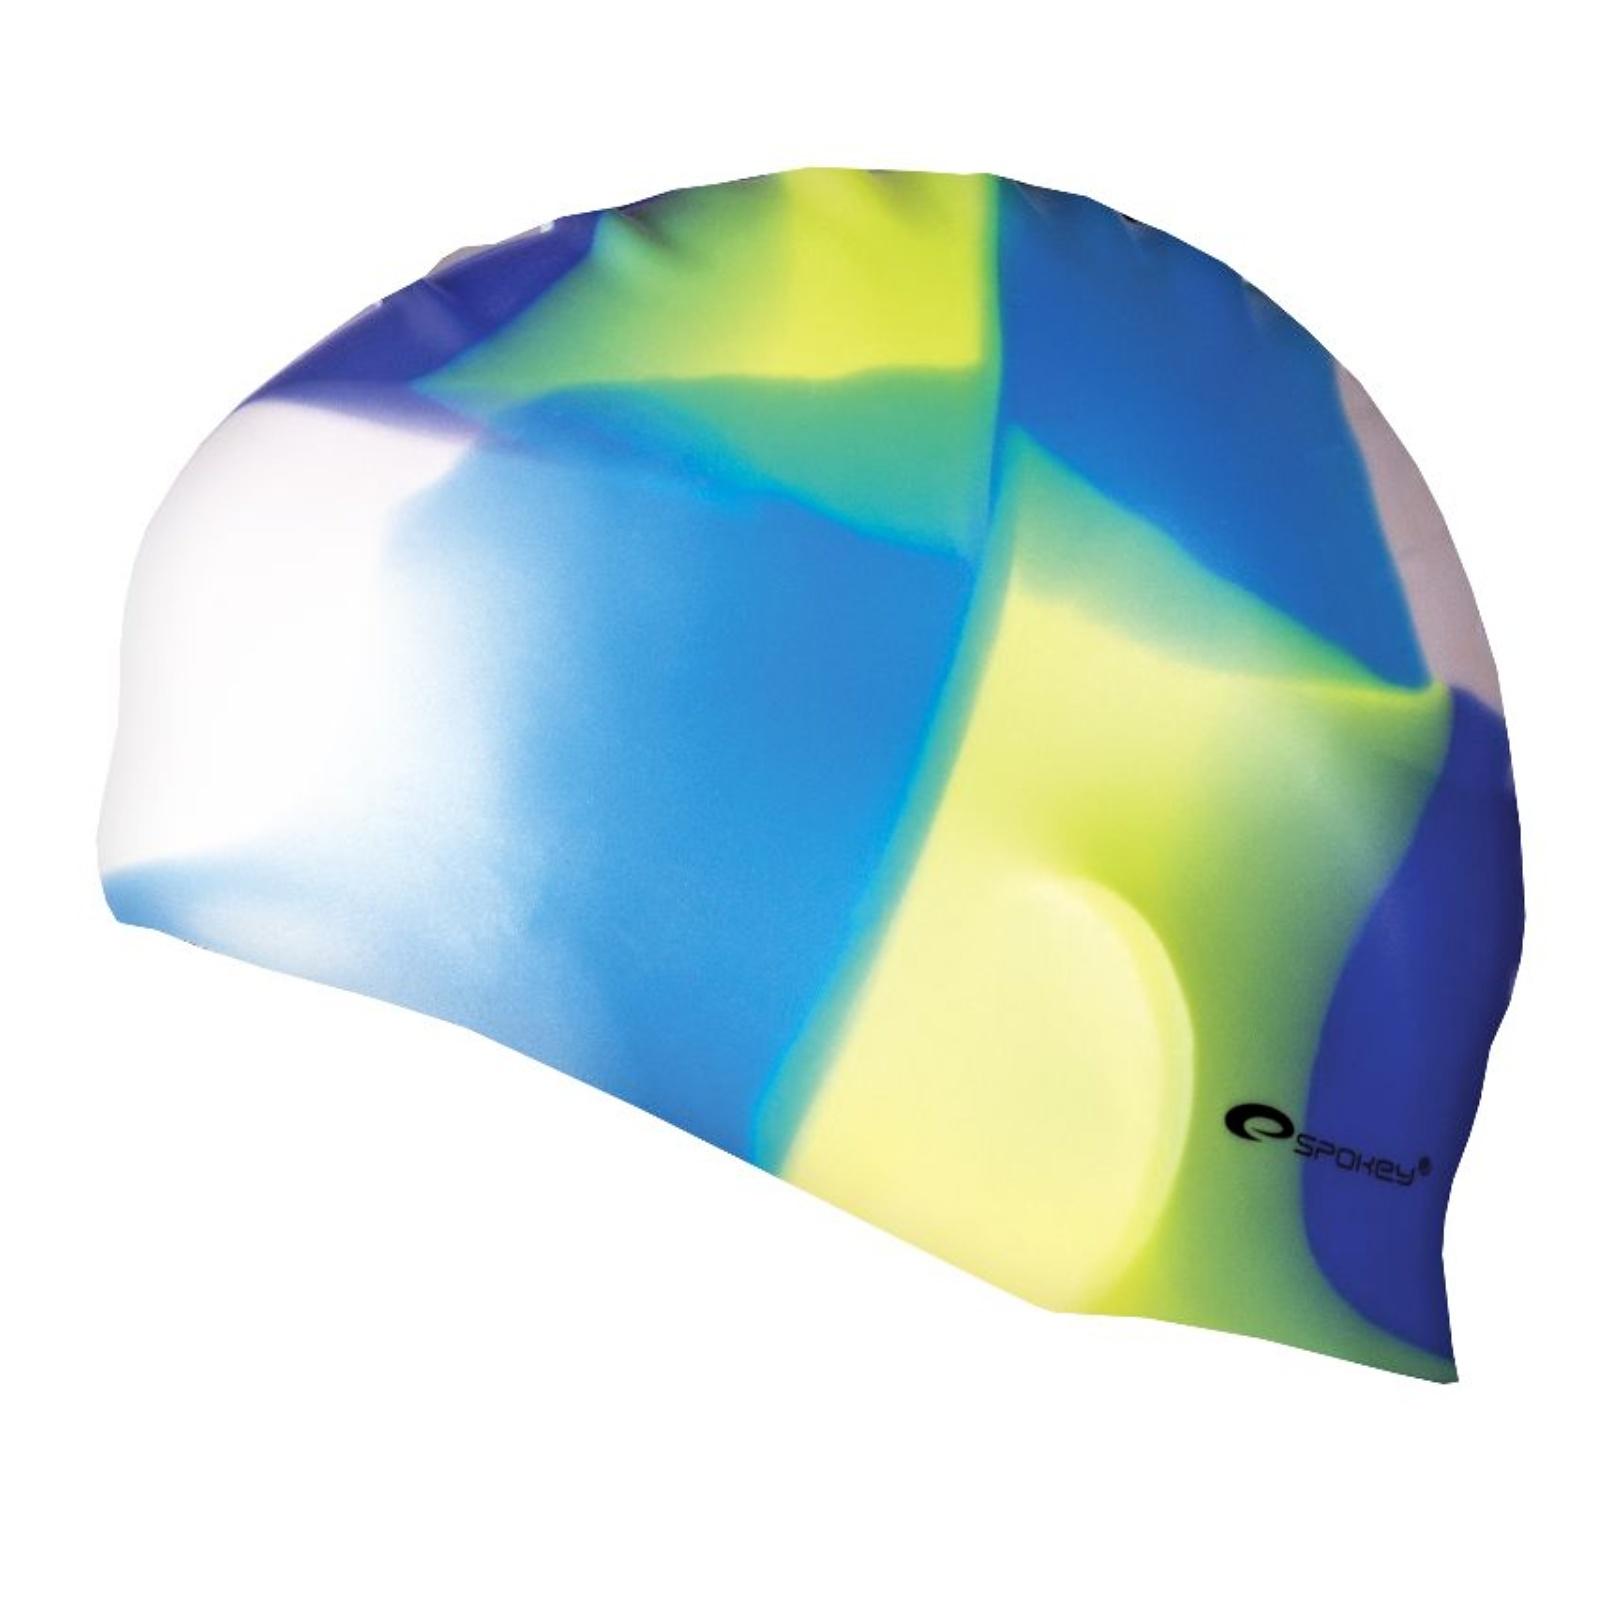 Plavecká čepice SPOKEY Abstract - modro-žlutozelená